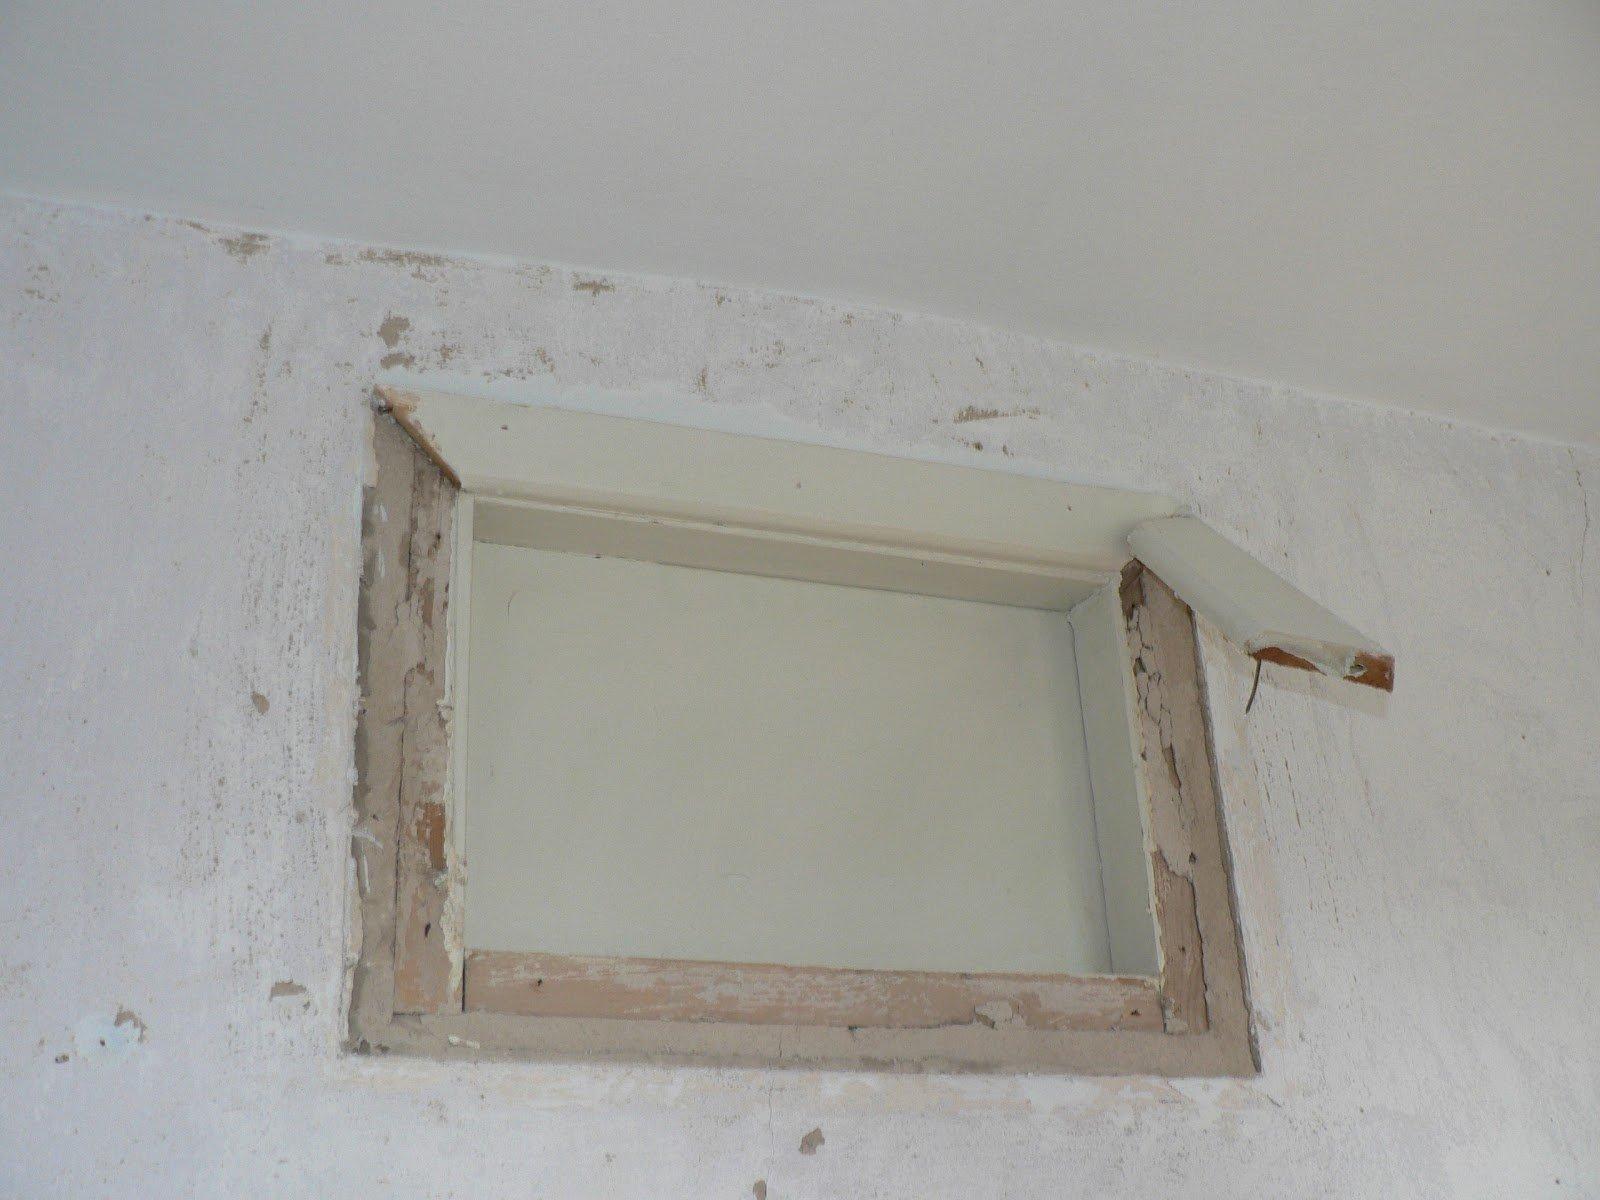 Один из этапов устранения окна — демонтаж наличников